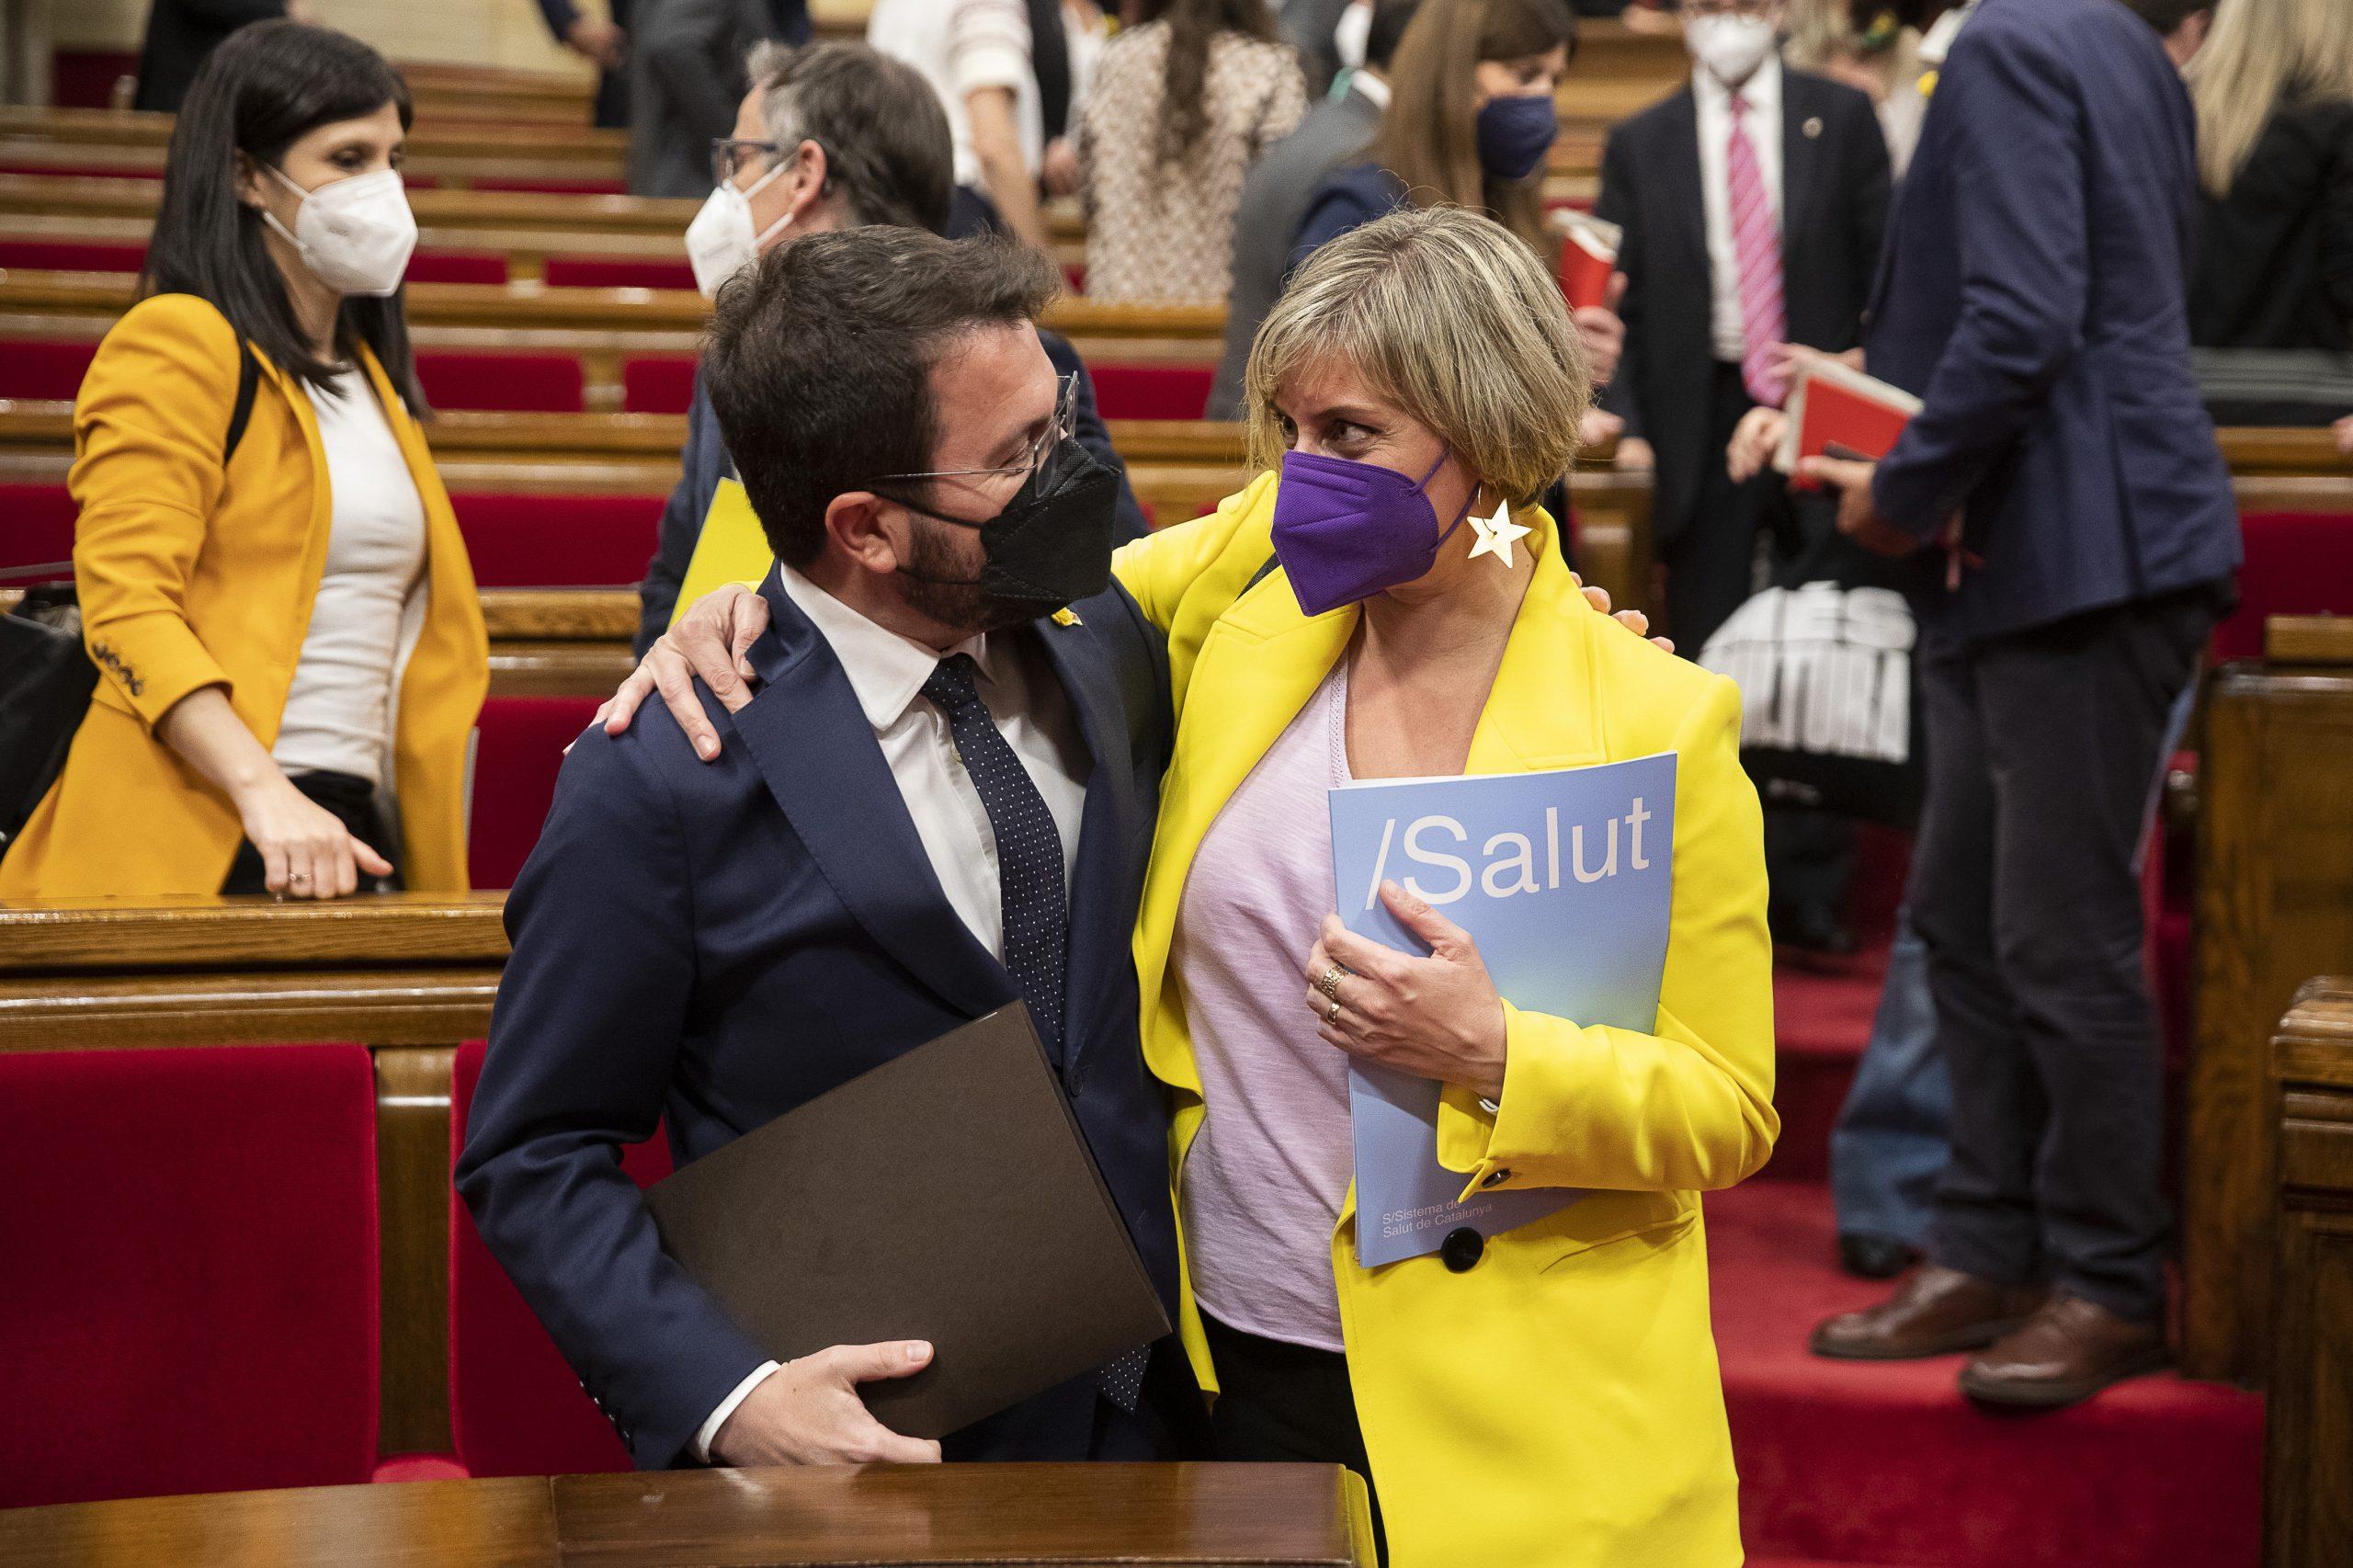 Debat d'investidura de Pere Aragonès com a President de la Generalitat al Parlament de Catalunya.  foto: Jordi Play